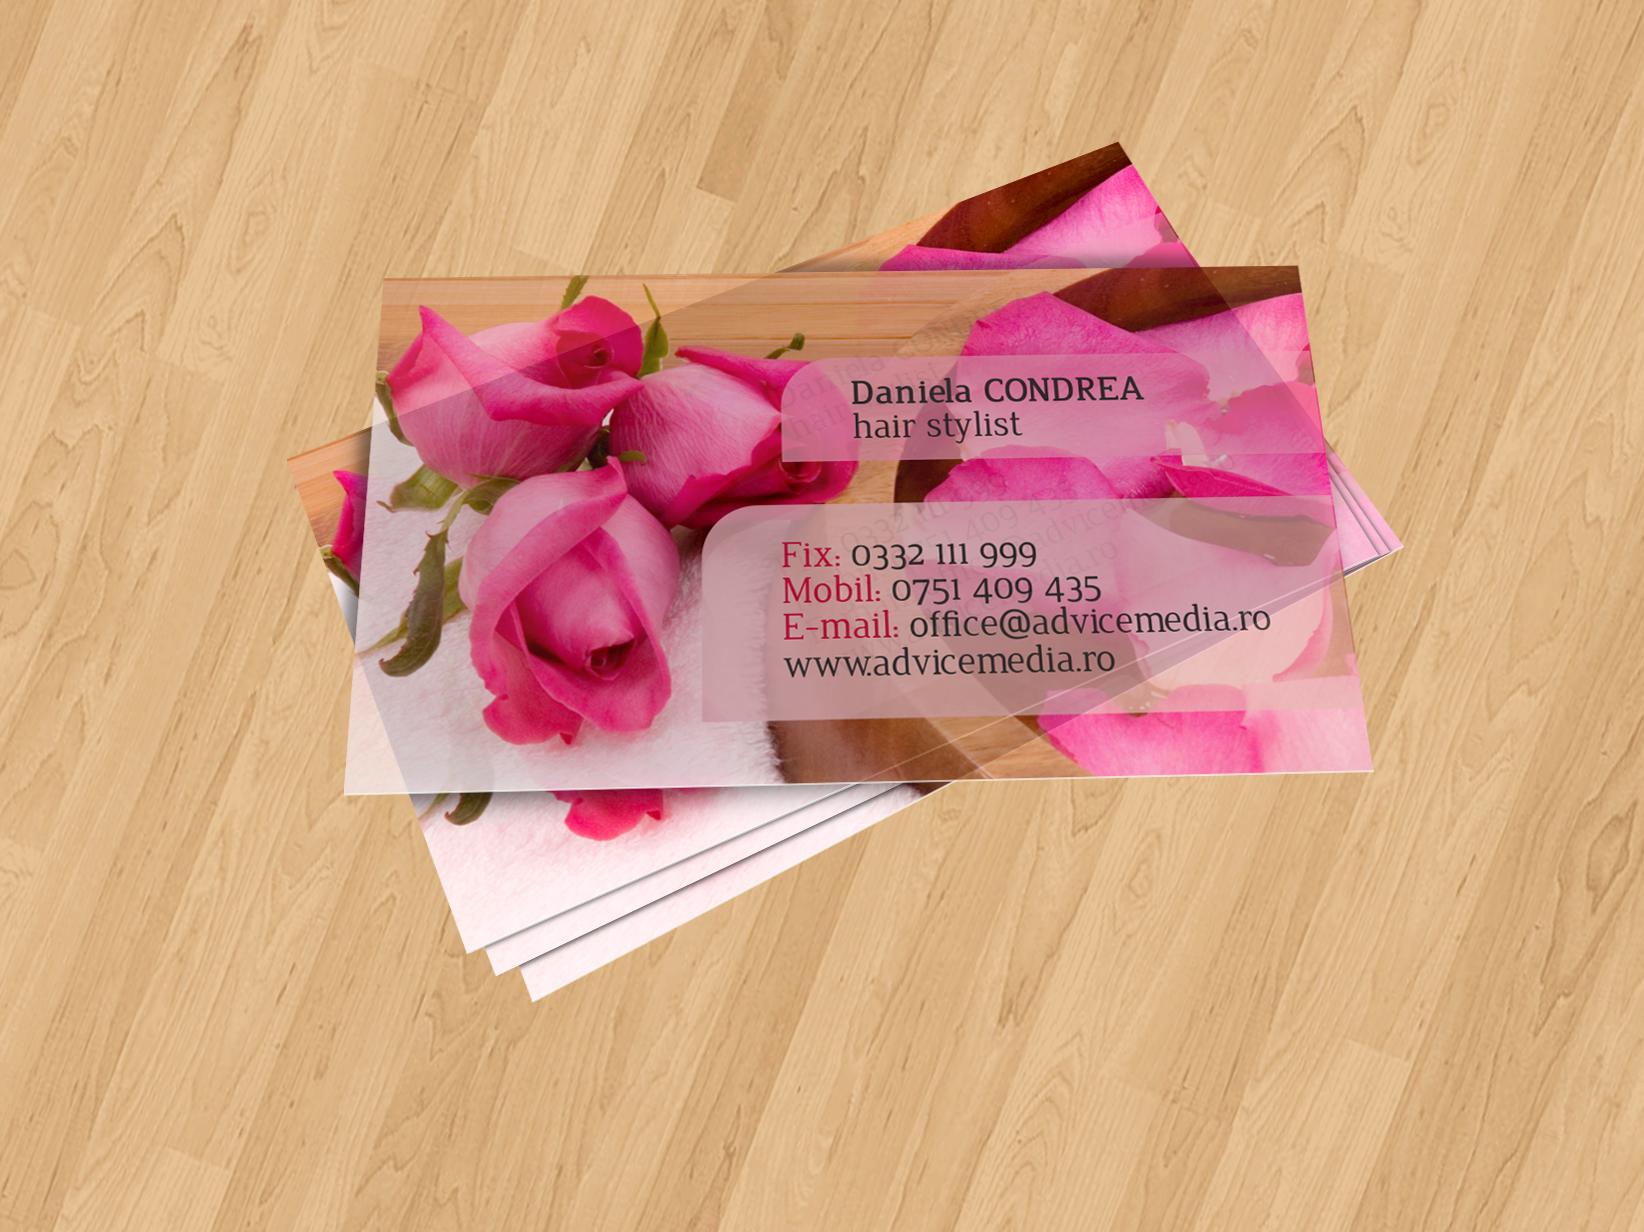 carti de vizita cosmetica COS 012